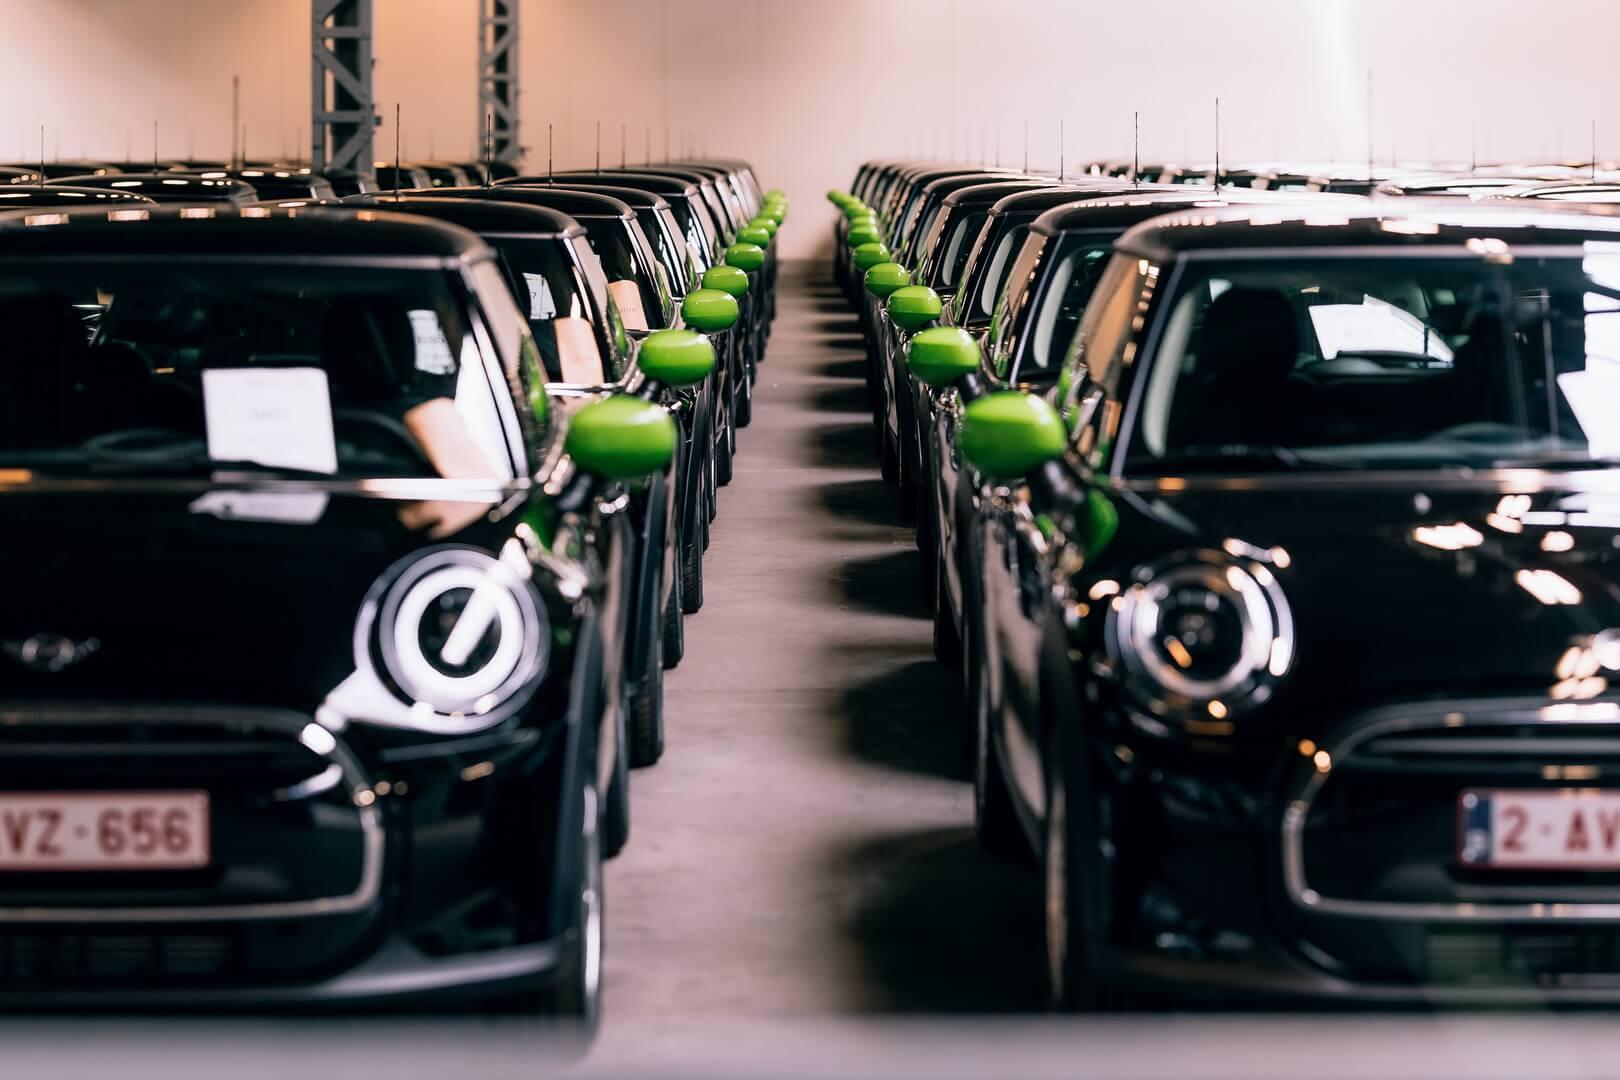 BMW получила самый крупный заказ на полностью электрические MINI в Европе на сегодняшний день